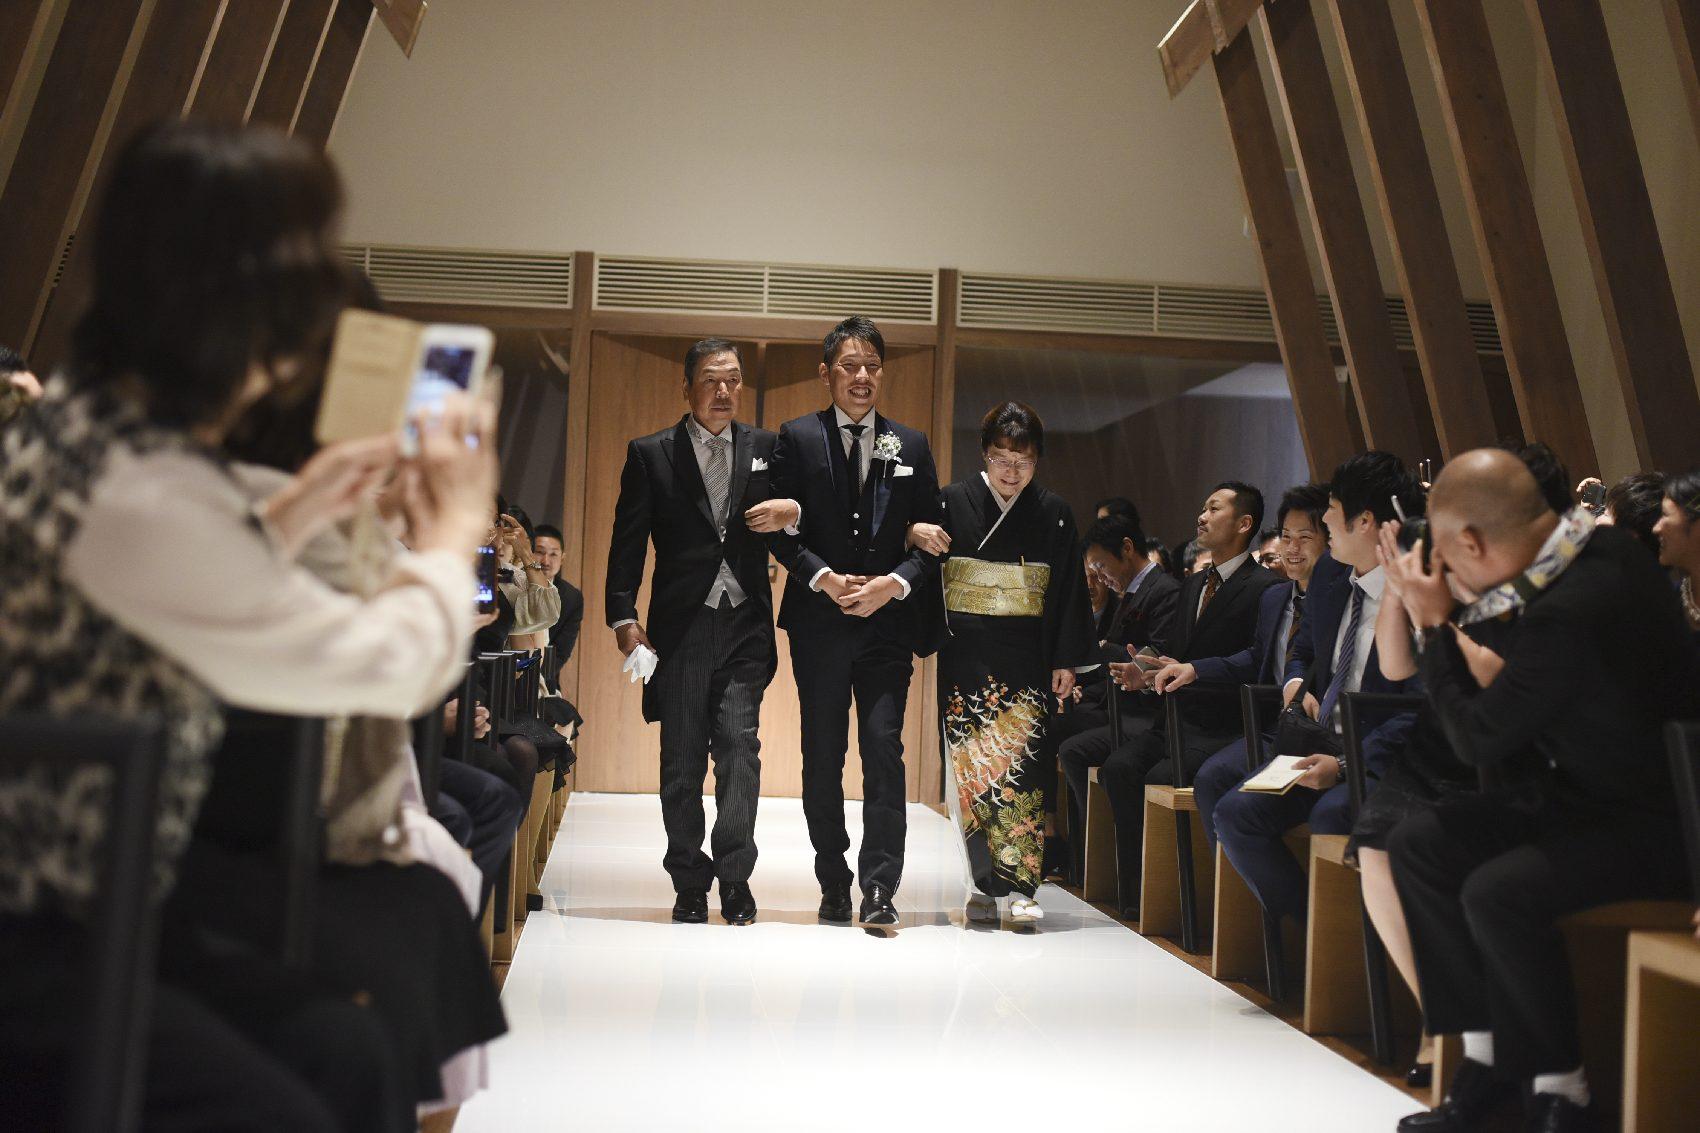 香川県高松市の結婚式場アナザースタイルのチャペルに新郎が両親と入場